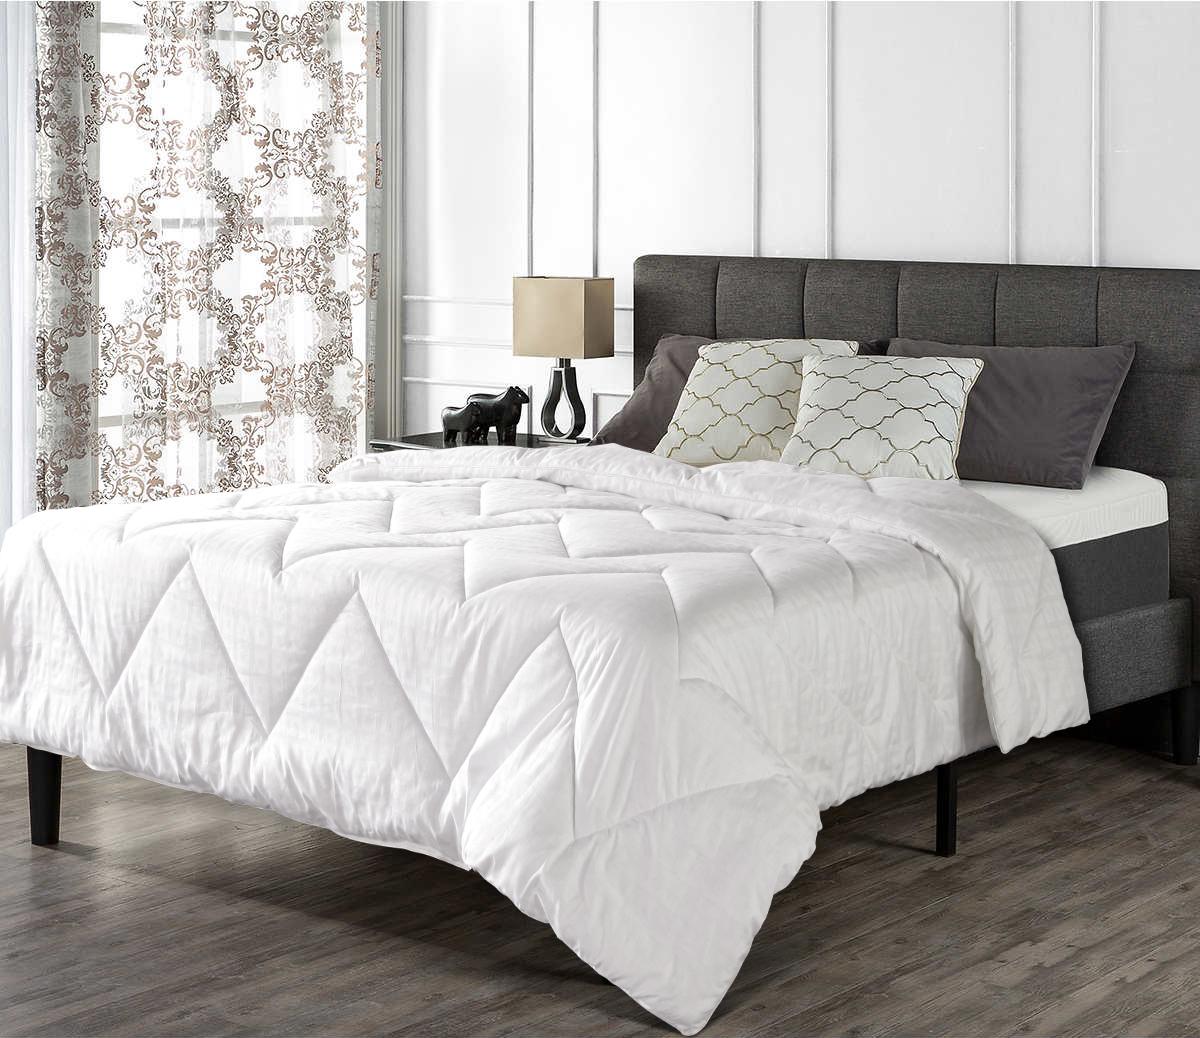 Одеяла Tango Одеяло Cashmere Всесезонное (150х200 см) одеяло gg merino wool grass всесезонное 150х200 см